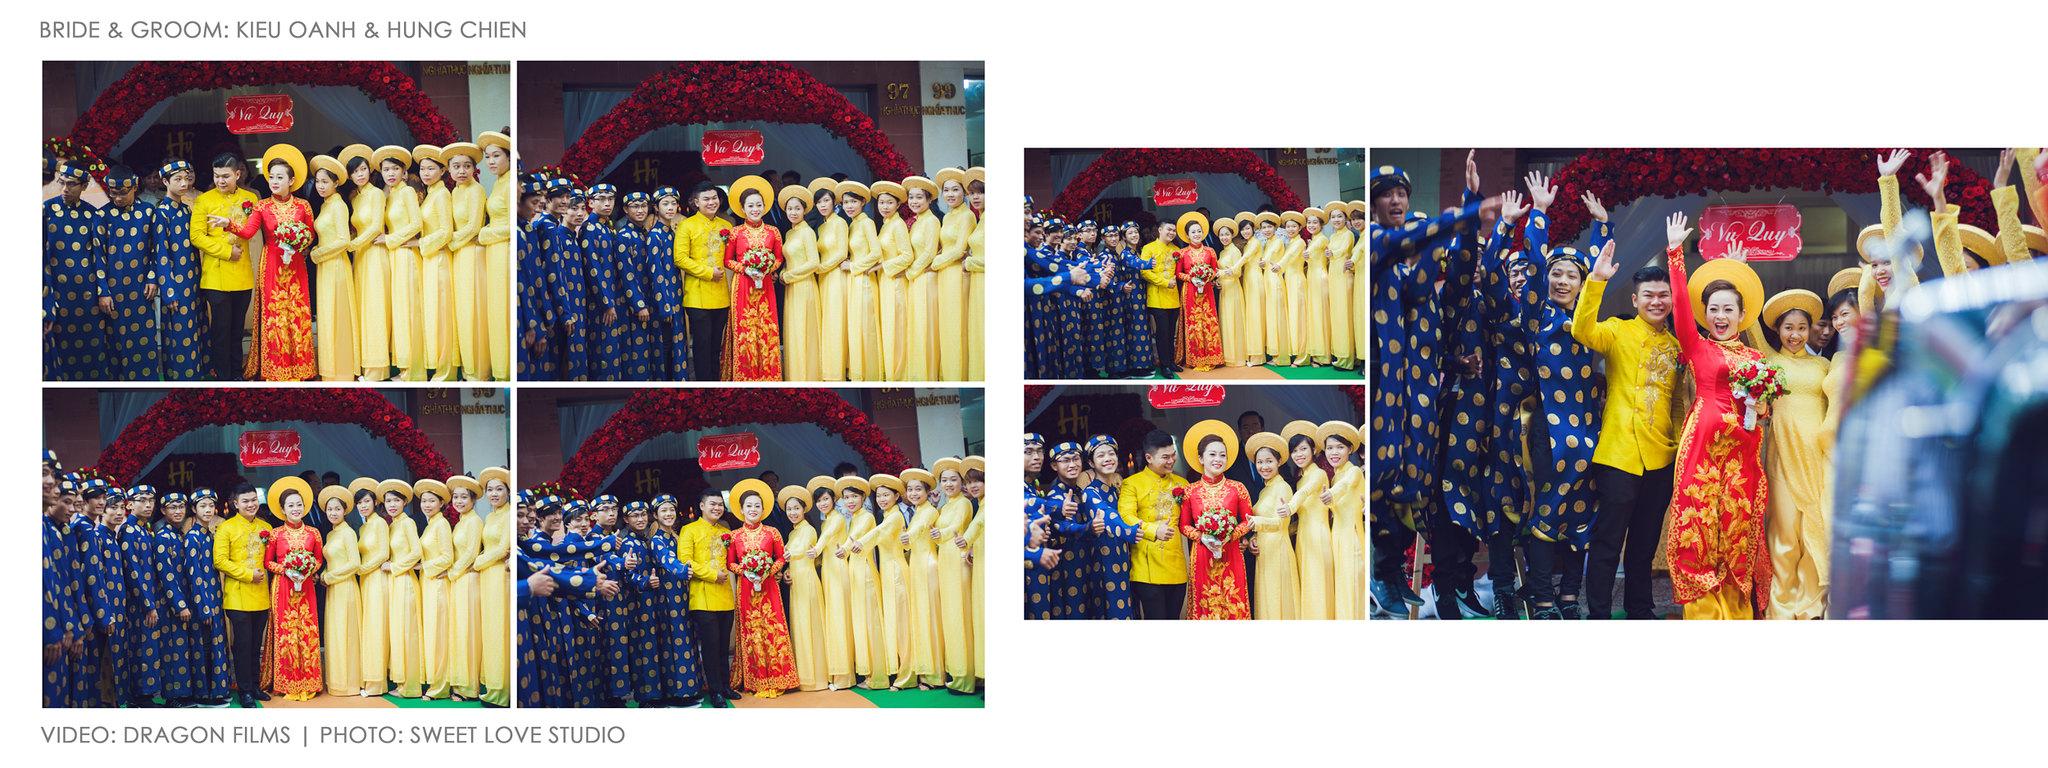 Chup-anh-cuoi-phong-su-Kieu-Oanh-Hung-Chien-16